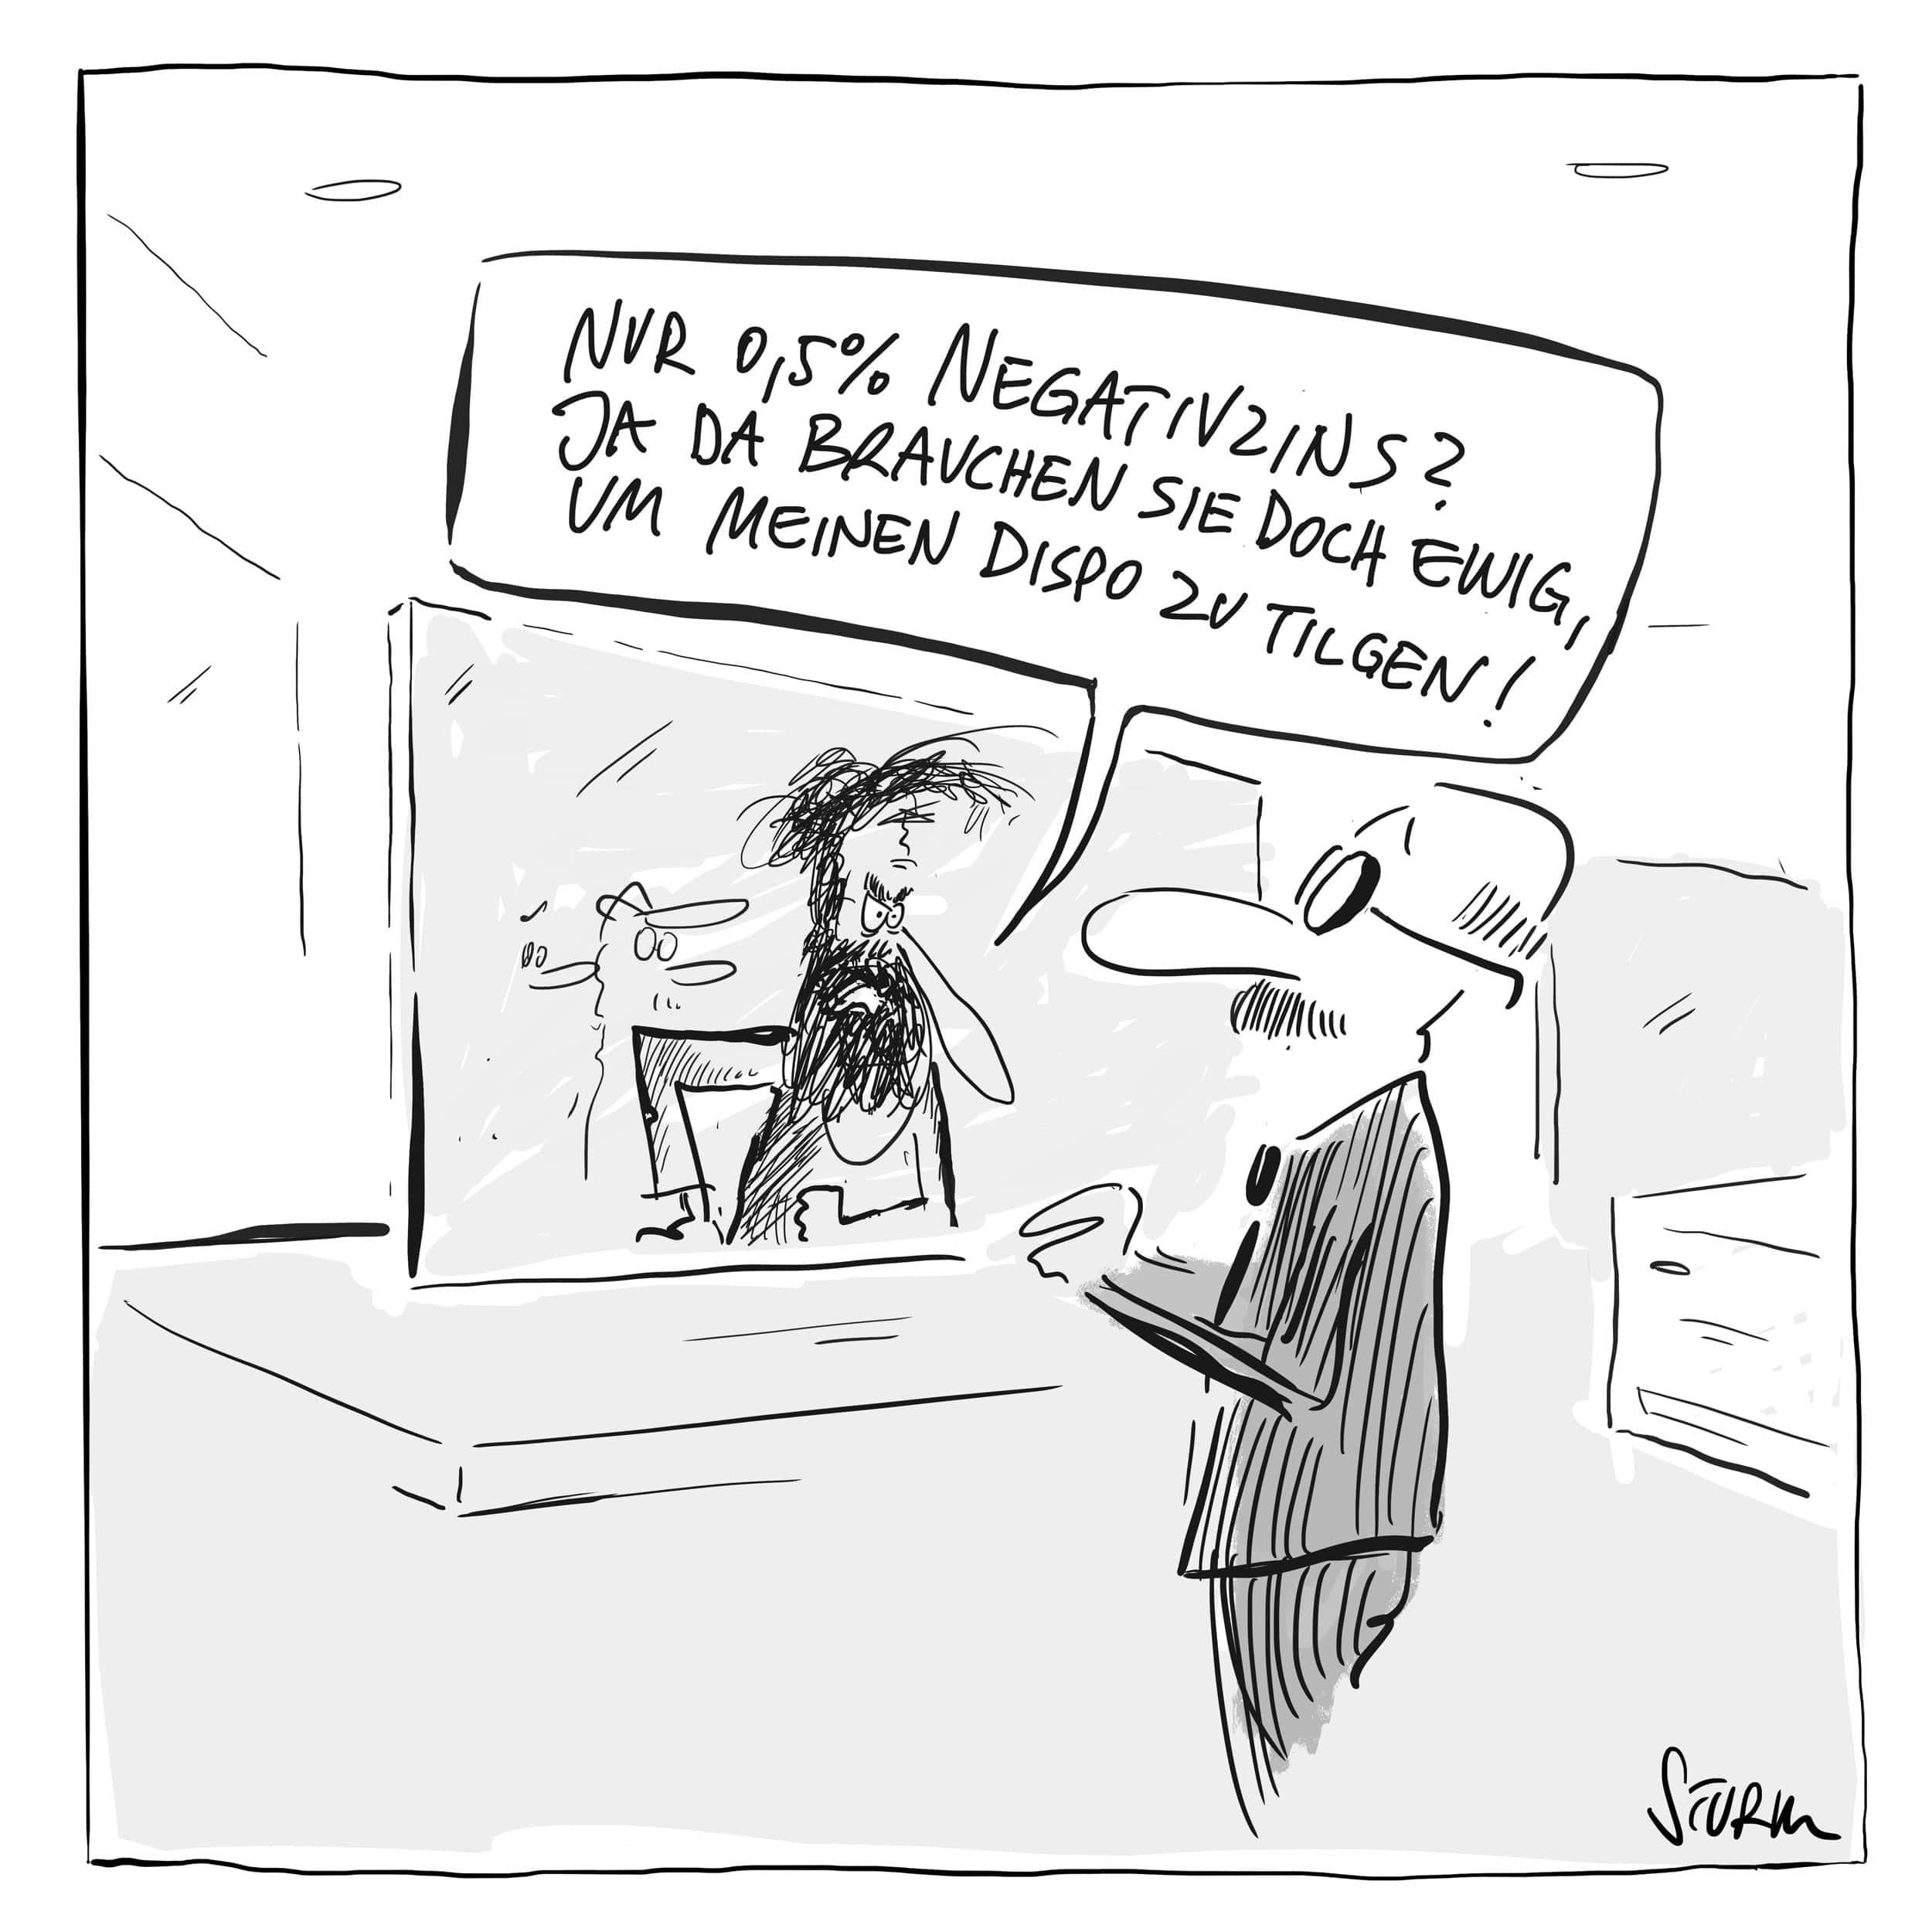 Negativzinsen helfen Schulden zu tilgen –Cartoon von Philipp Sturm